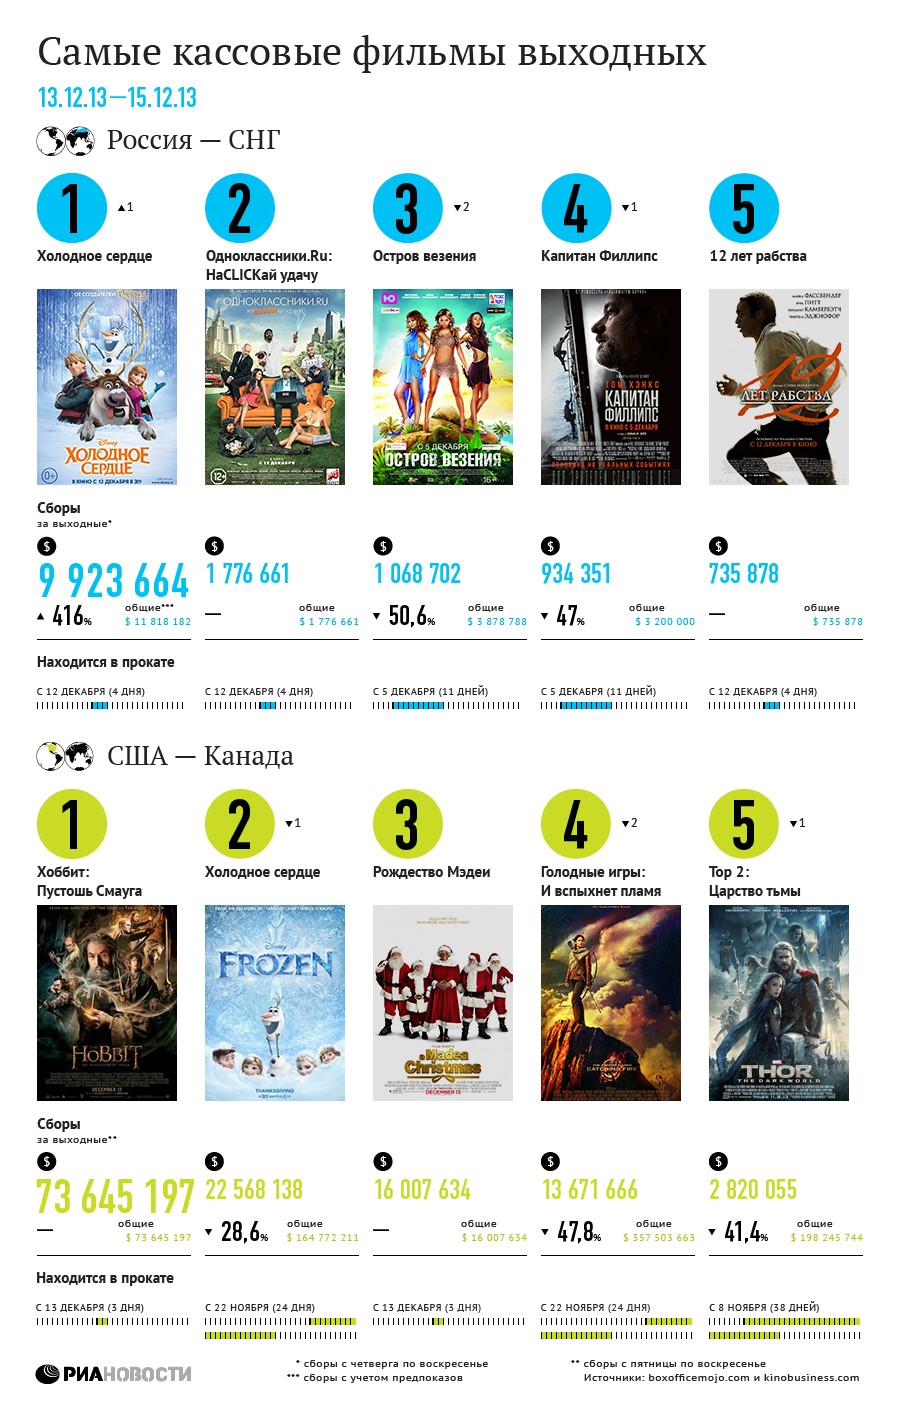 Самые кассовые фильмы выходных (13–15 декабря)